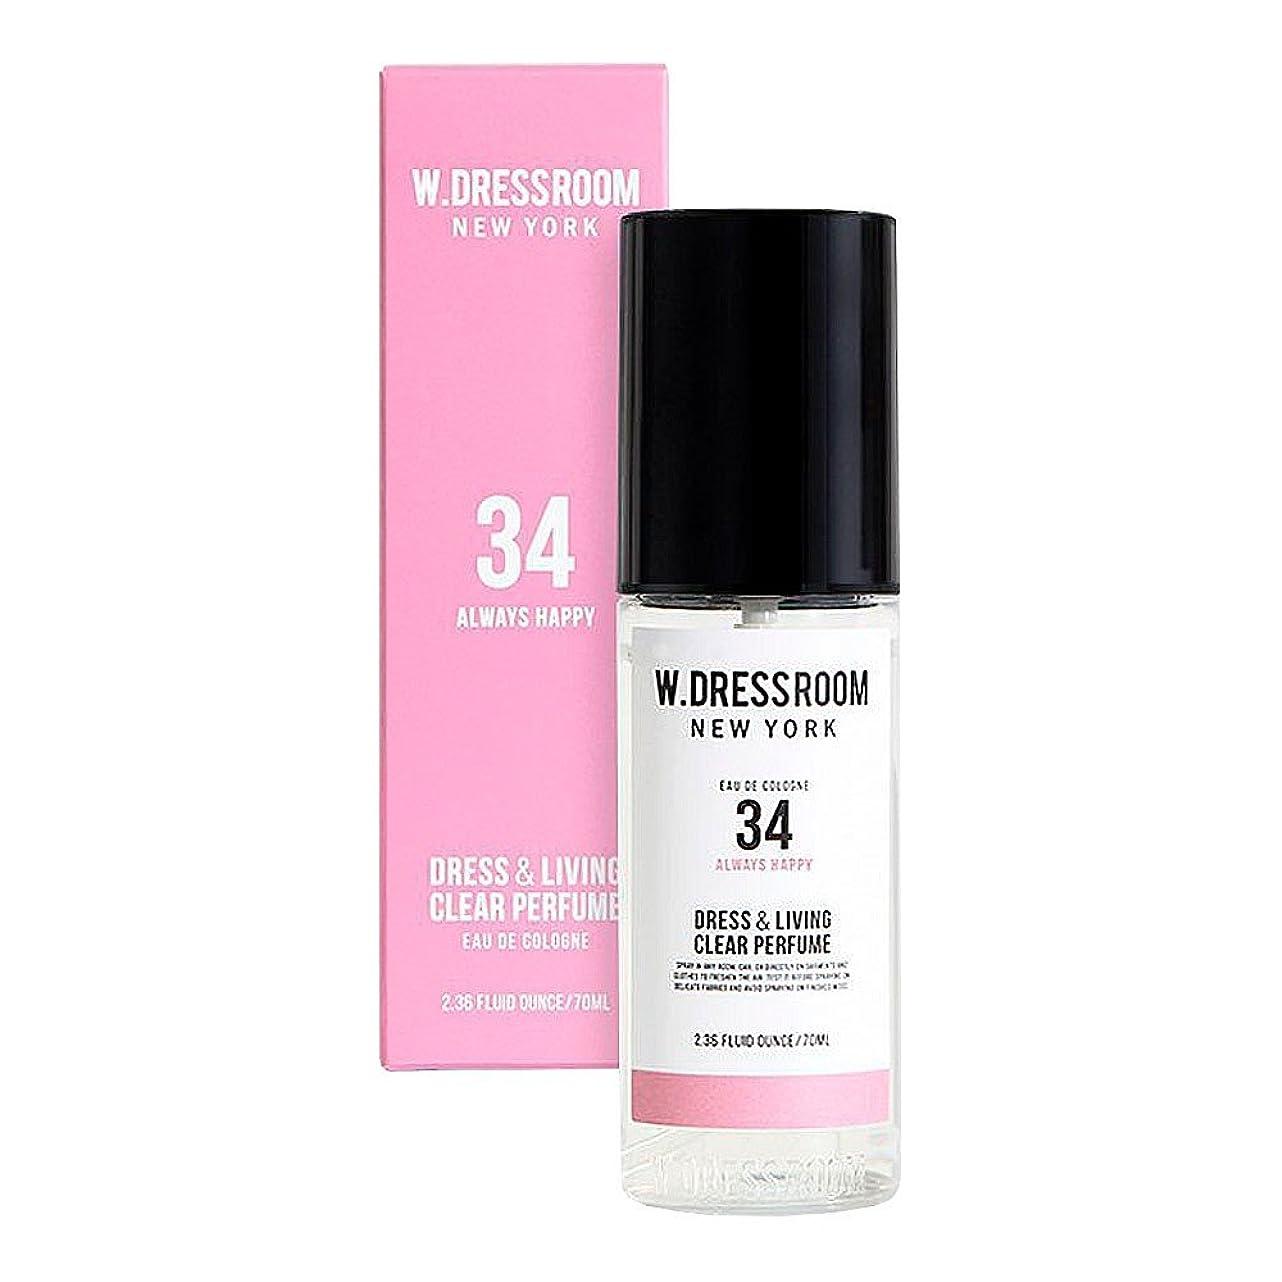 反論者フラグラント実質的にW.DRESSROOM Dress & Living Clear Perfume fragrance 70ml (#No.34 Always Happy)/ダブルドレスルーム ドレス&リビング クリア パフューム 70ml (#No.34 Always Happy)